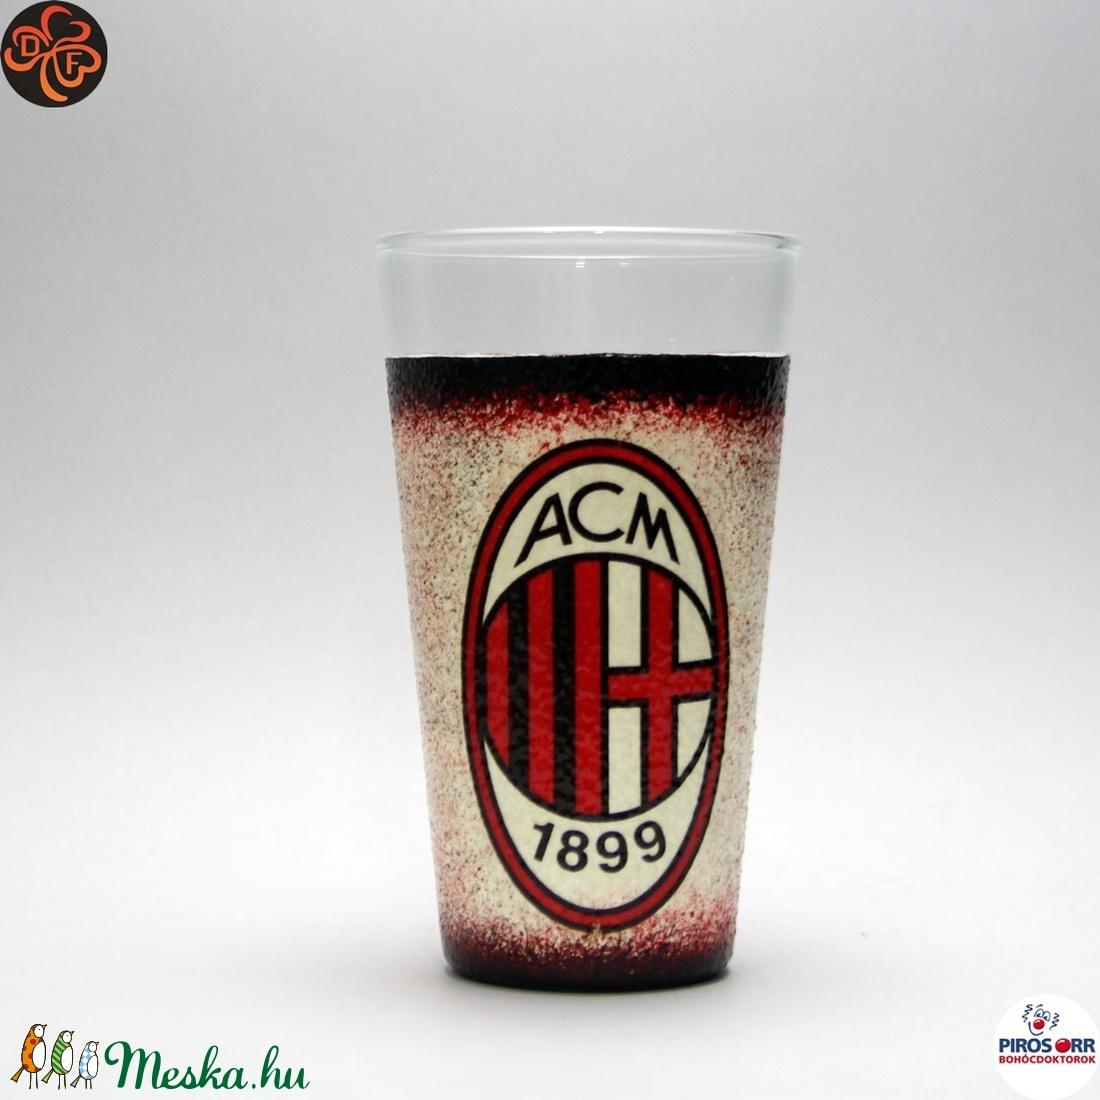 AC MILAN vizes, üdítős pohár ; foci szurkolóknak (decorfantasy) - Meska.hu